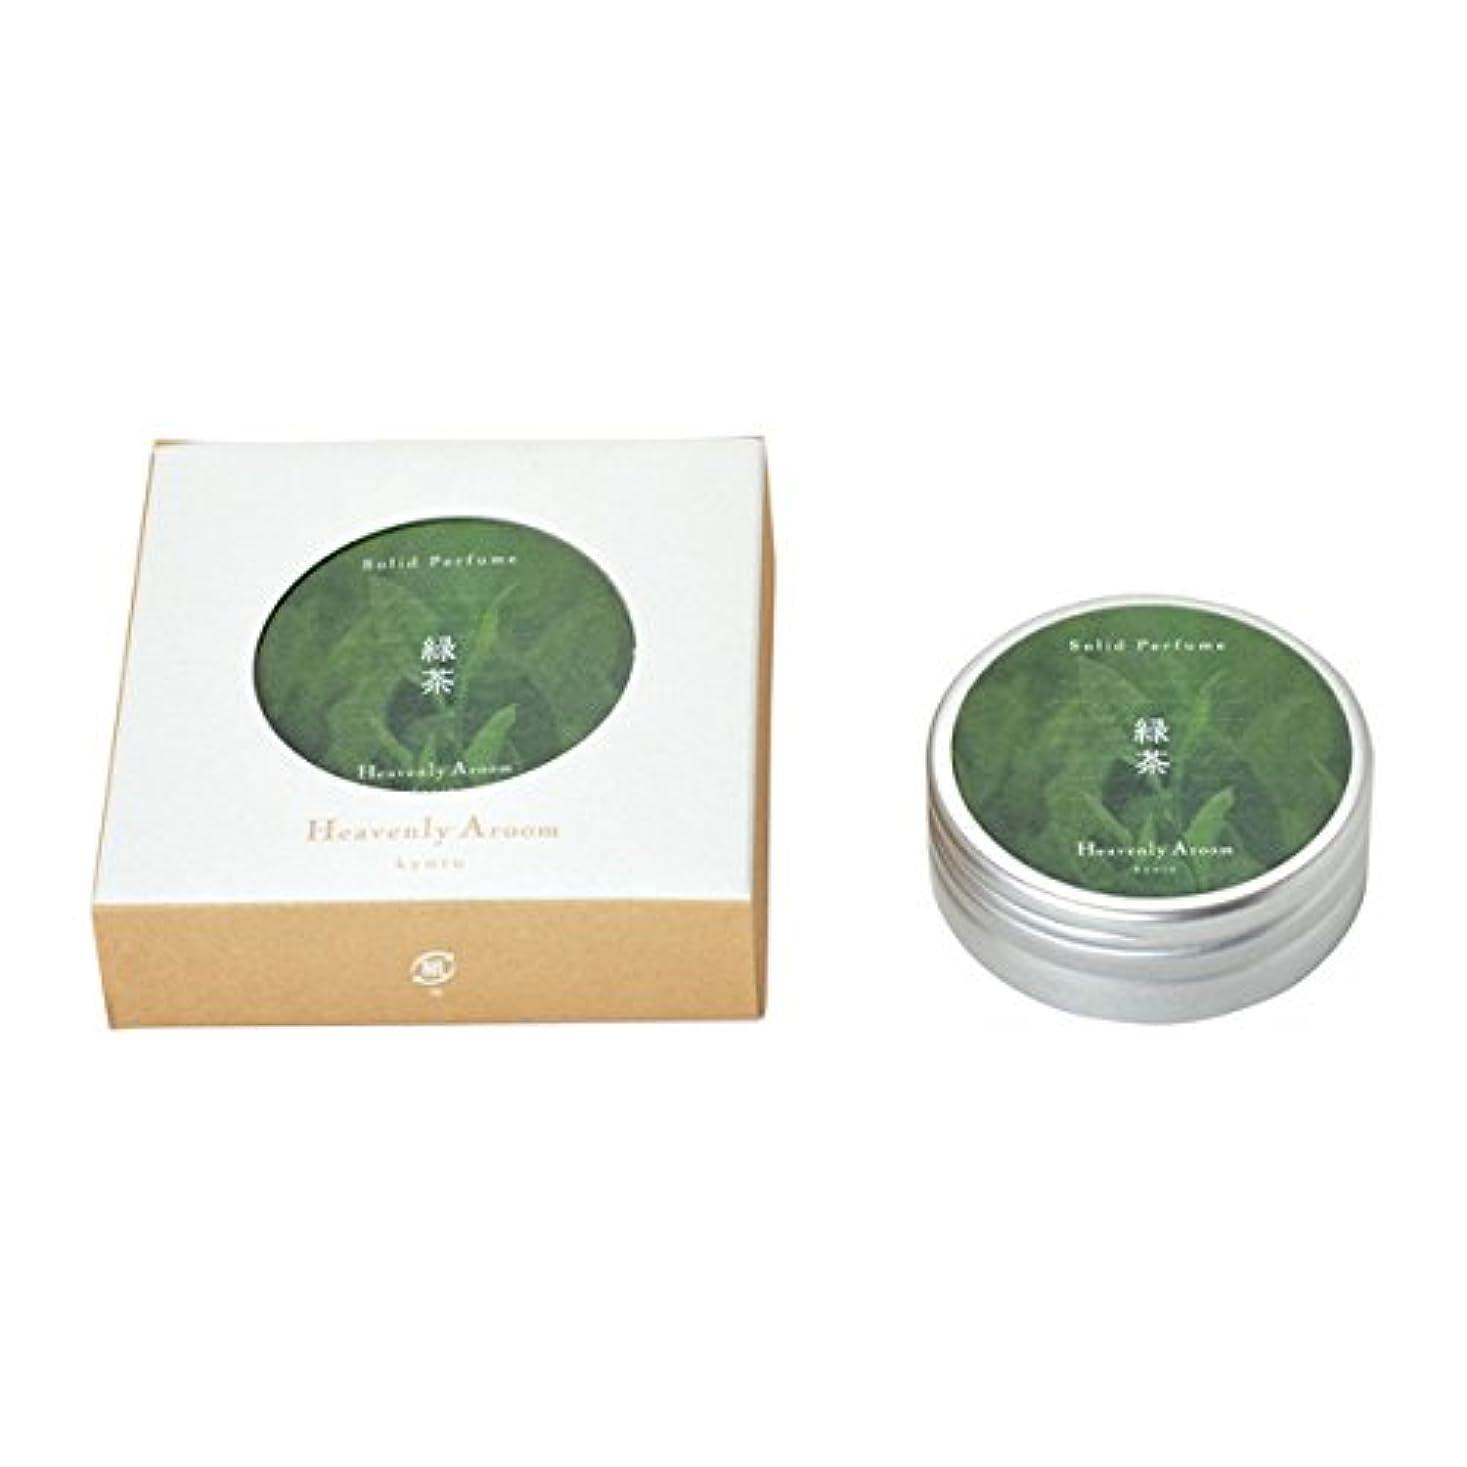 頭バランスレプリカHeavenly Aroom ソリッドパフューム 緑茶 15g